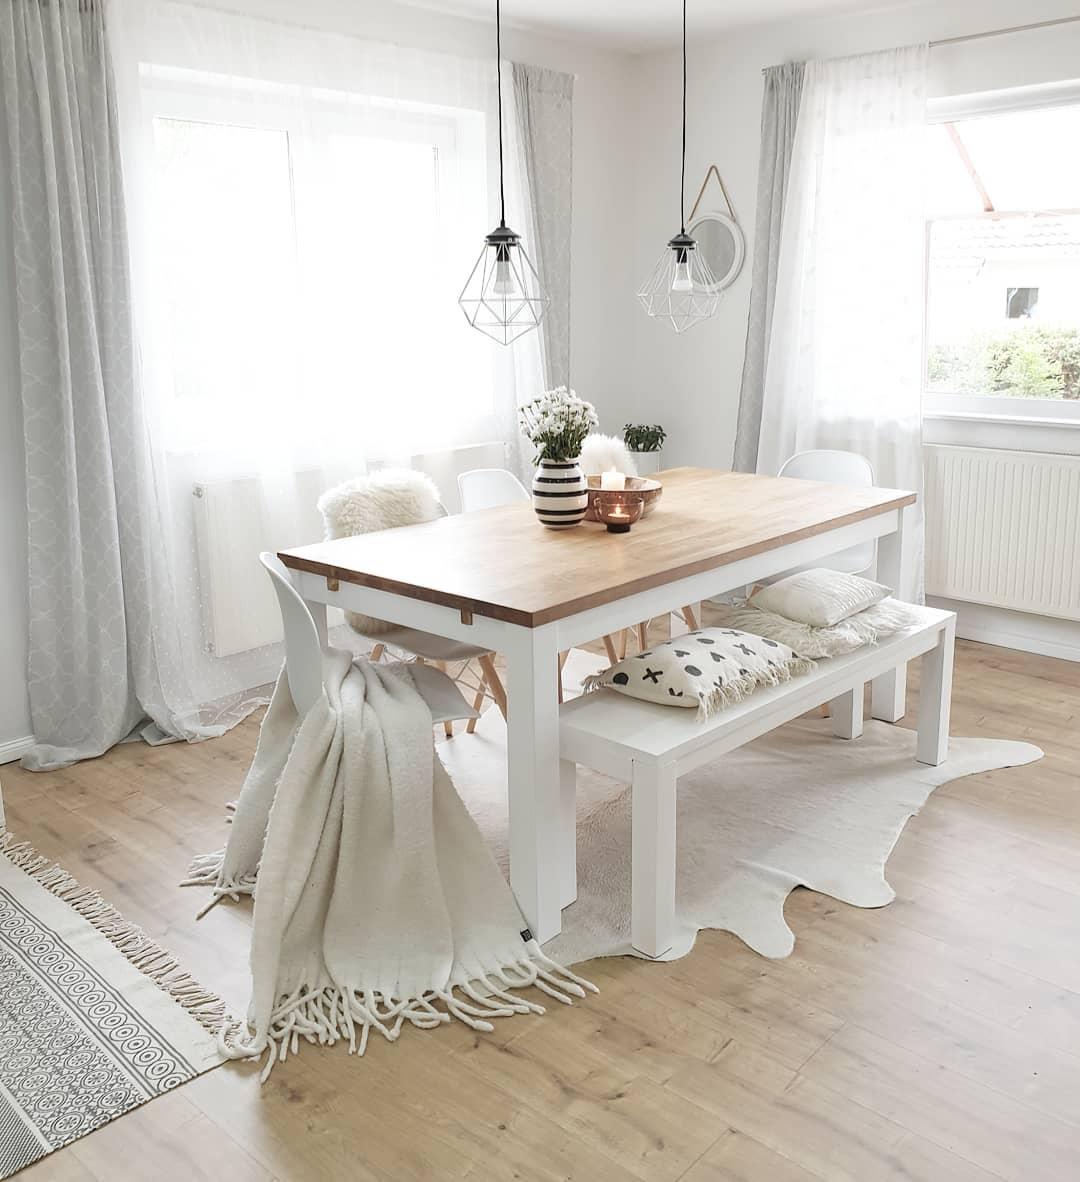 light-cowhide-rug.jpg